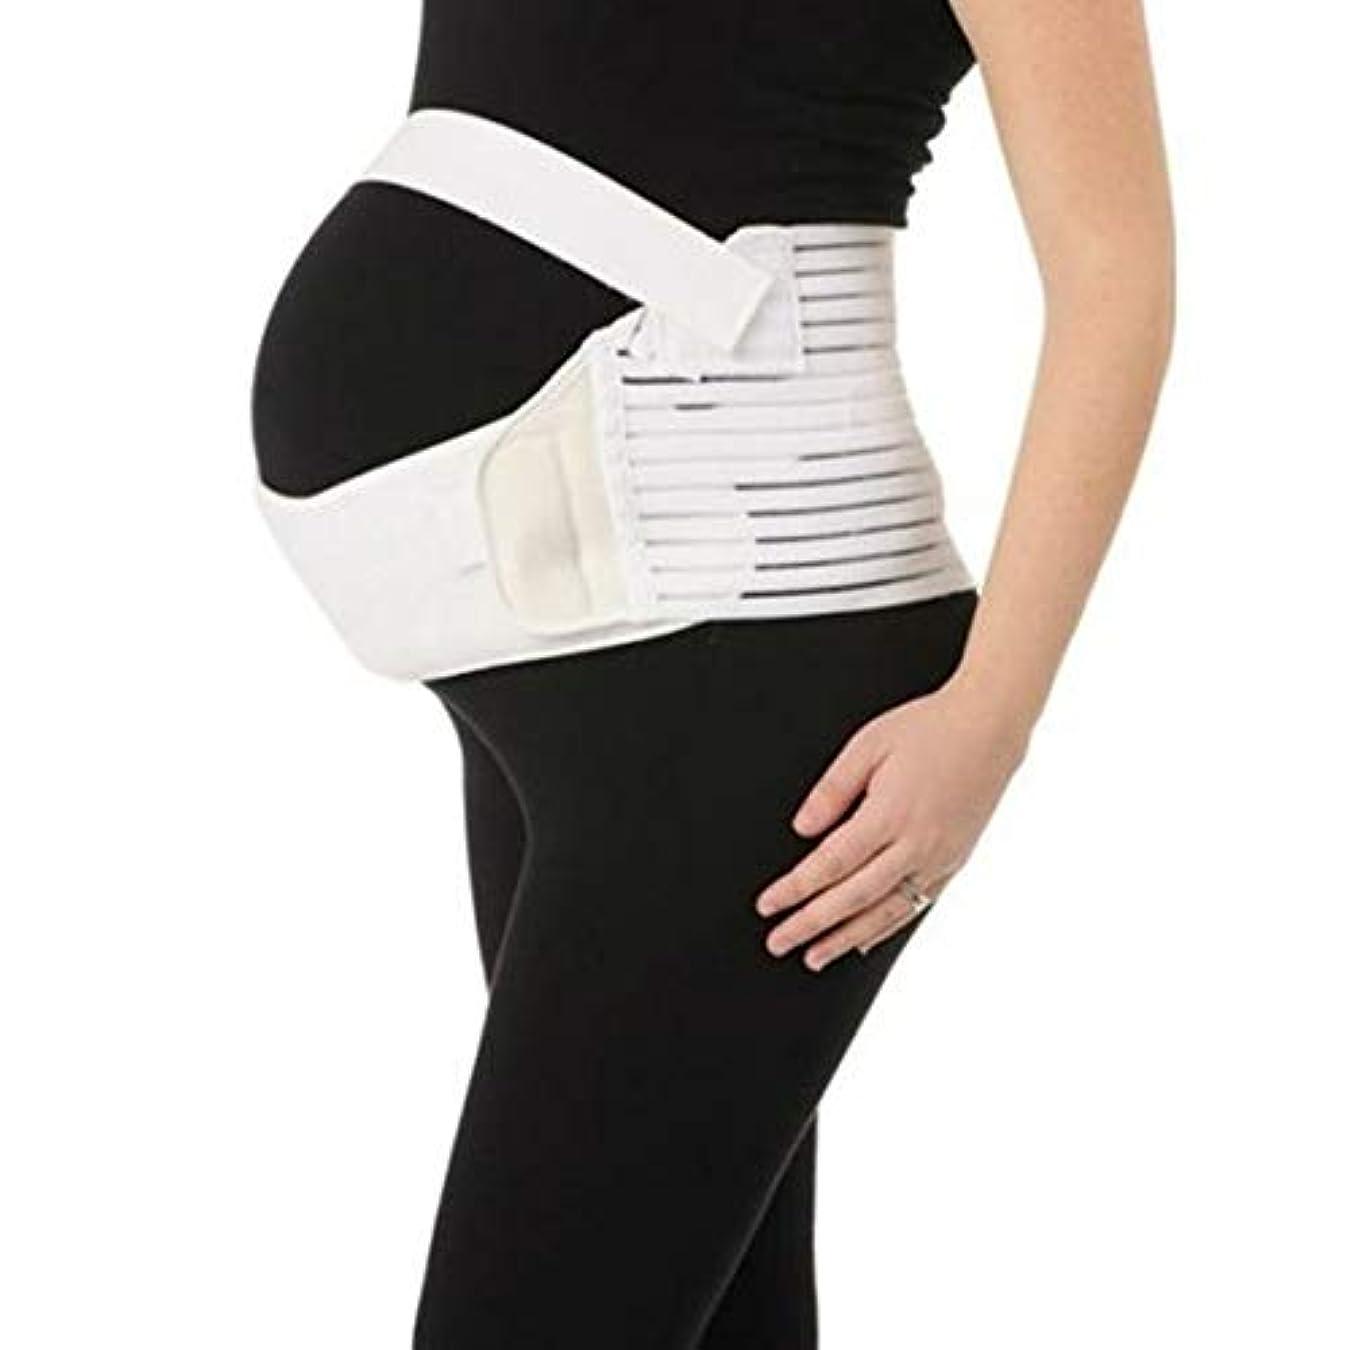 政令行為アセ通気性マタニティベルト妊娠腹部サポート腹部バインダーガードル運動包帯産後の回復shapewear - ホワイトL